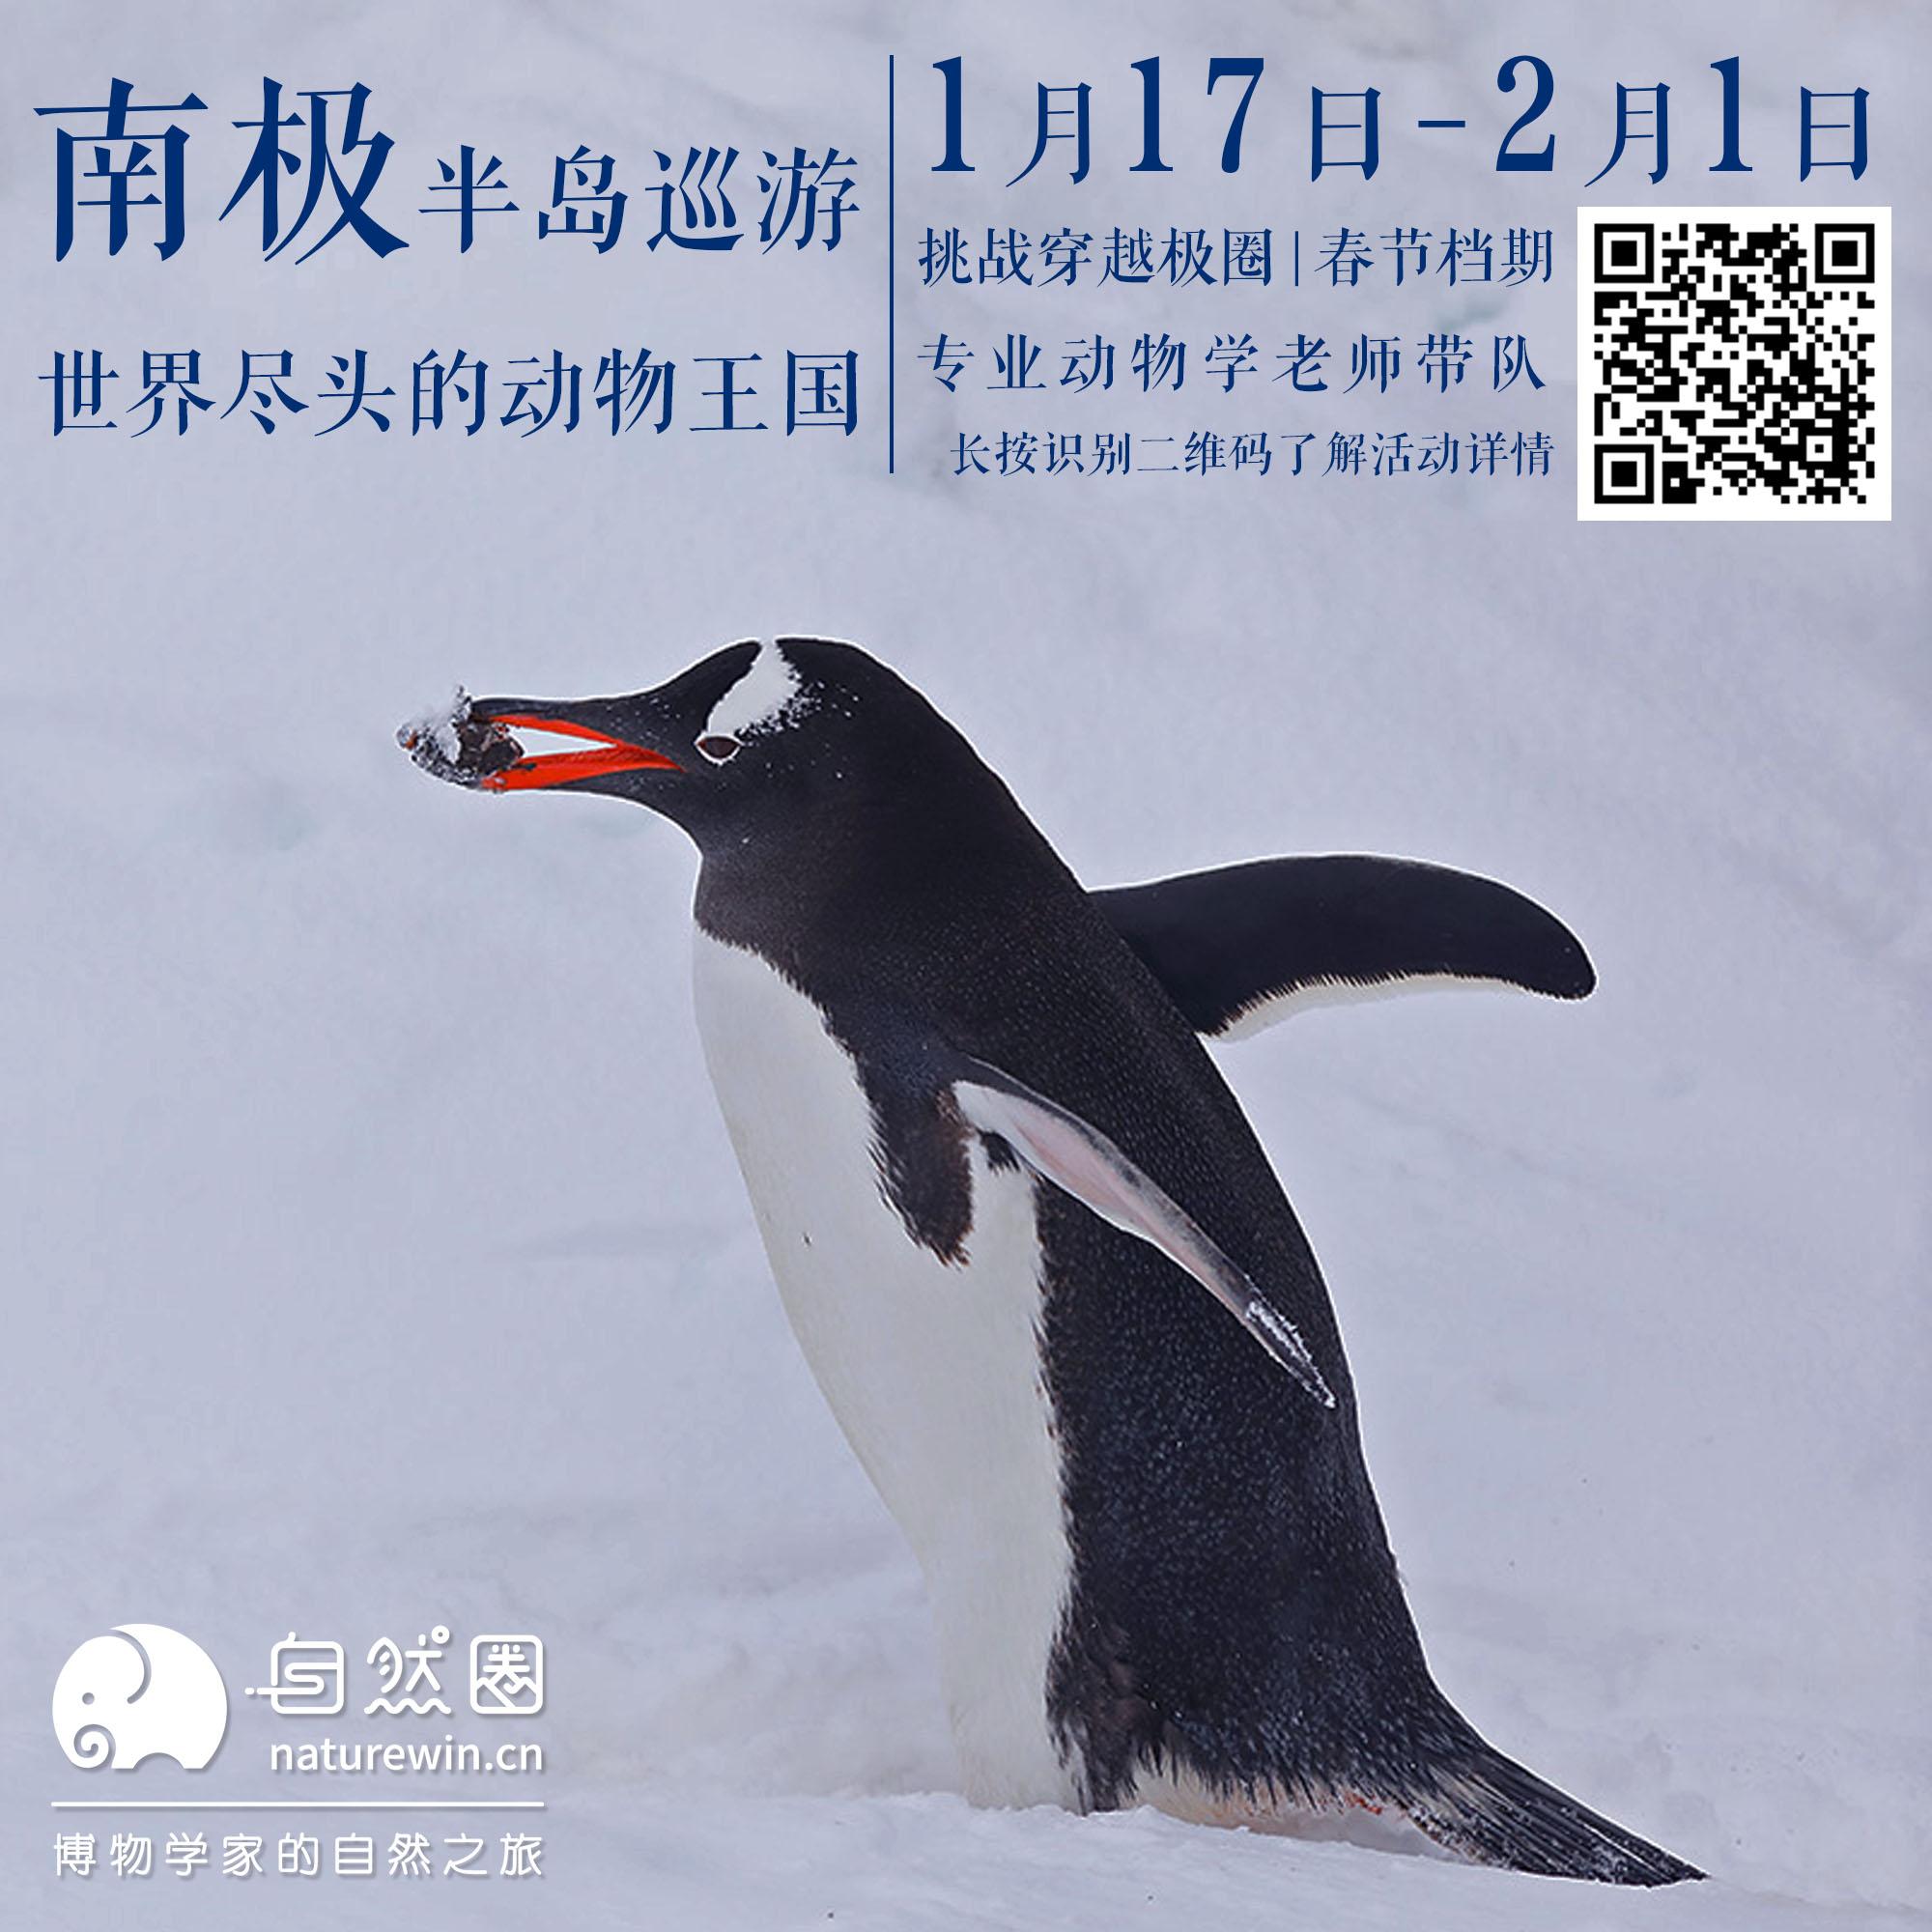 20200117南极.jpg